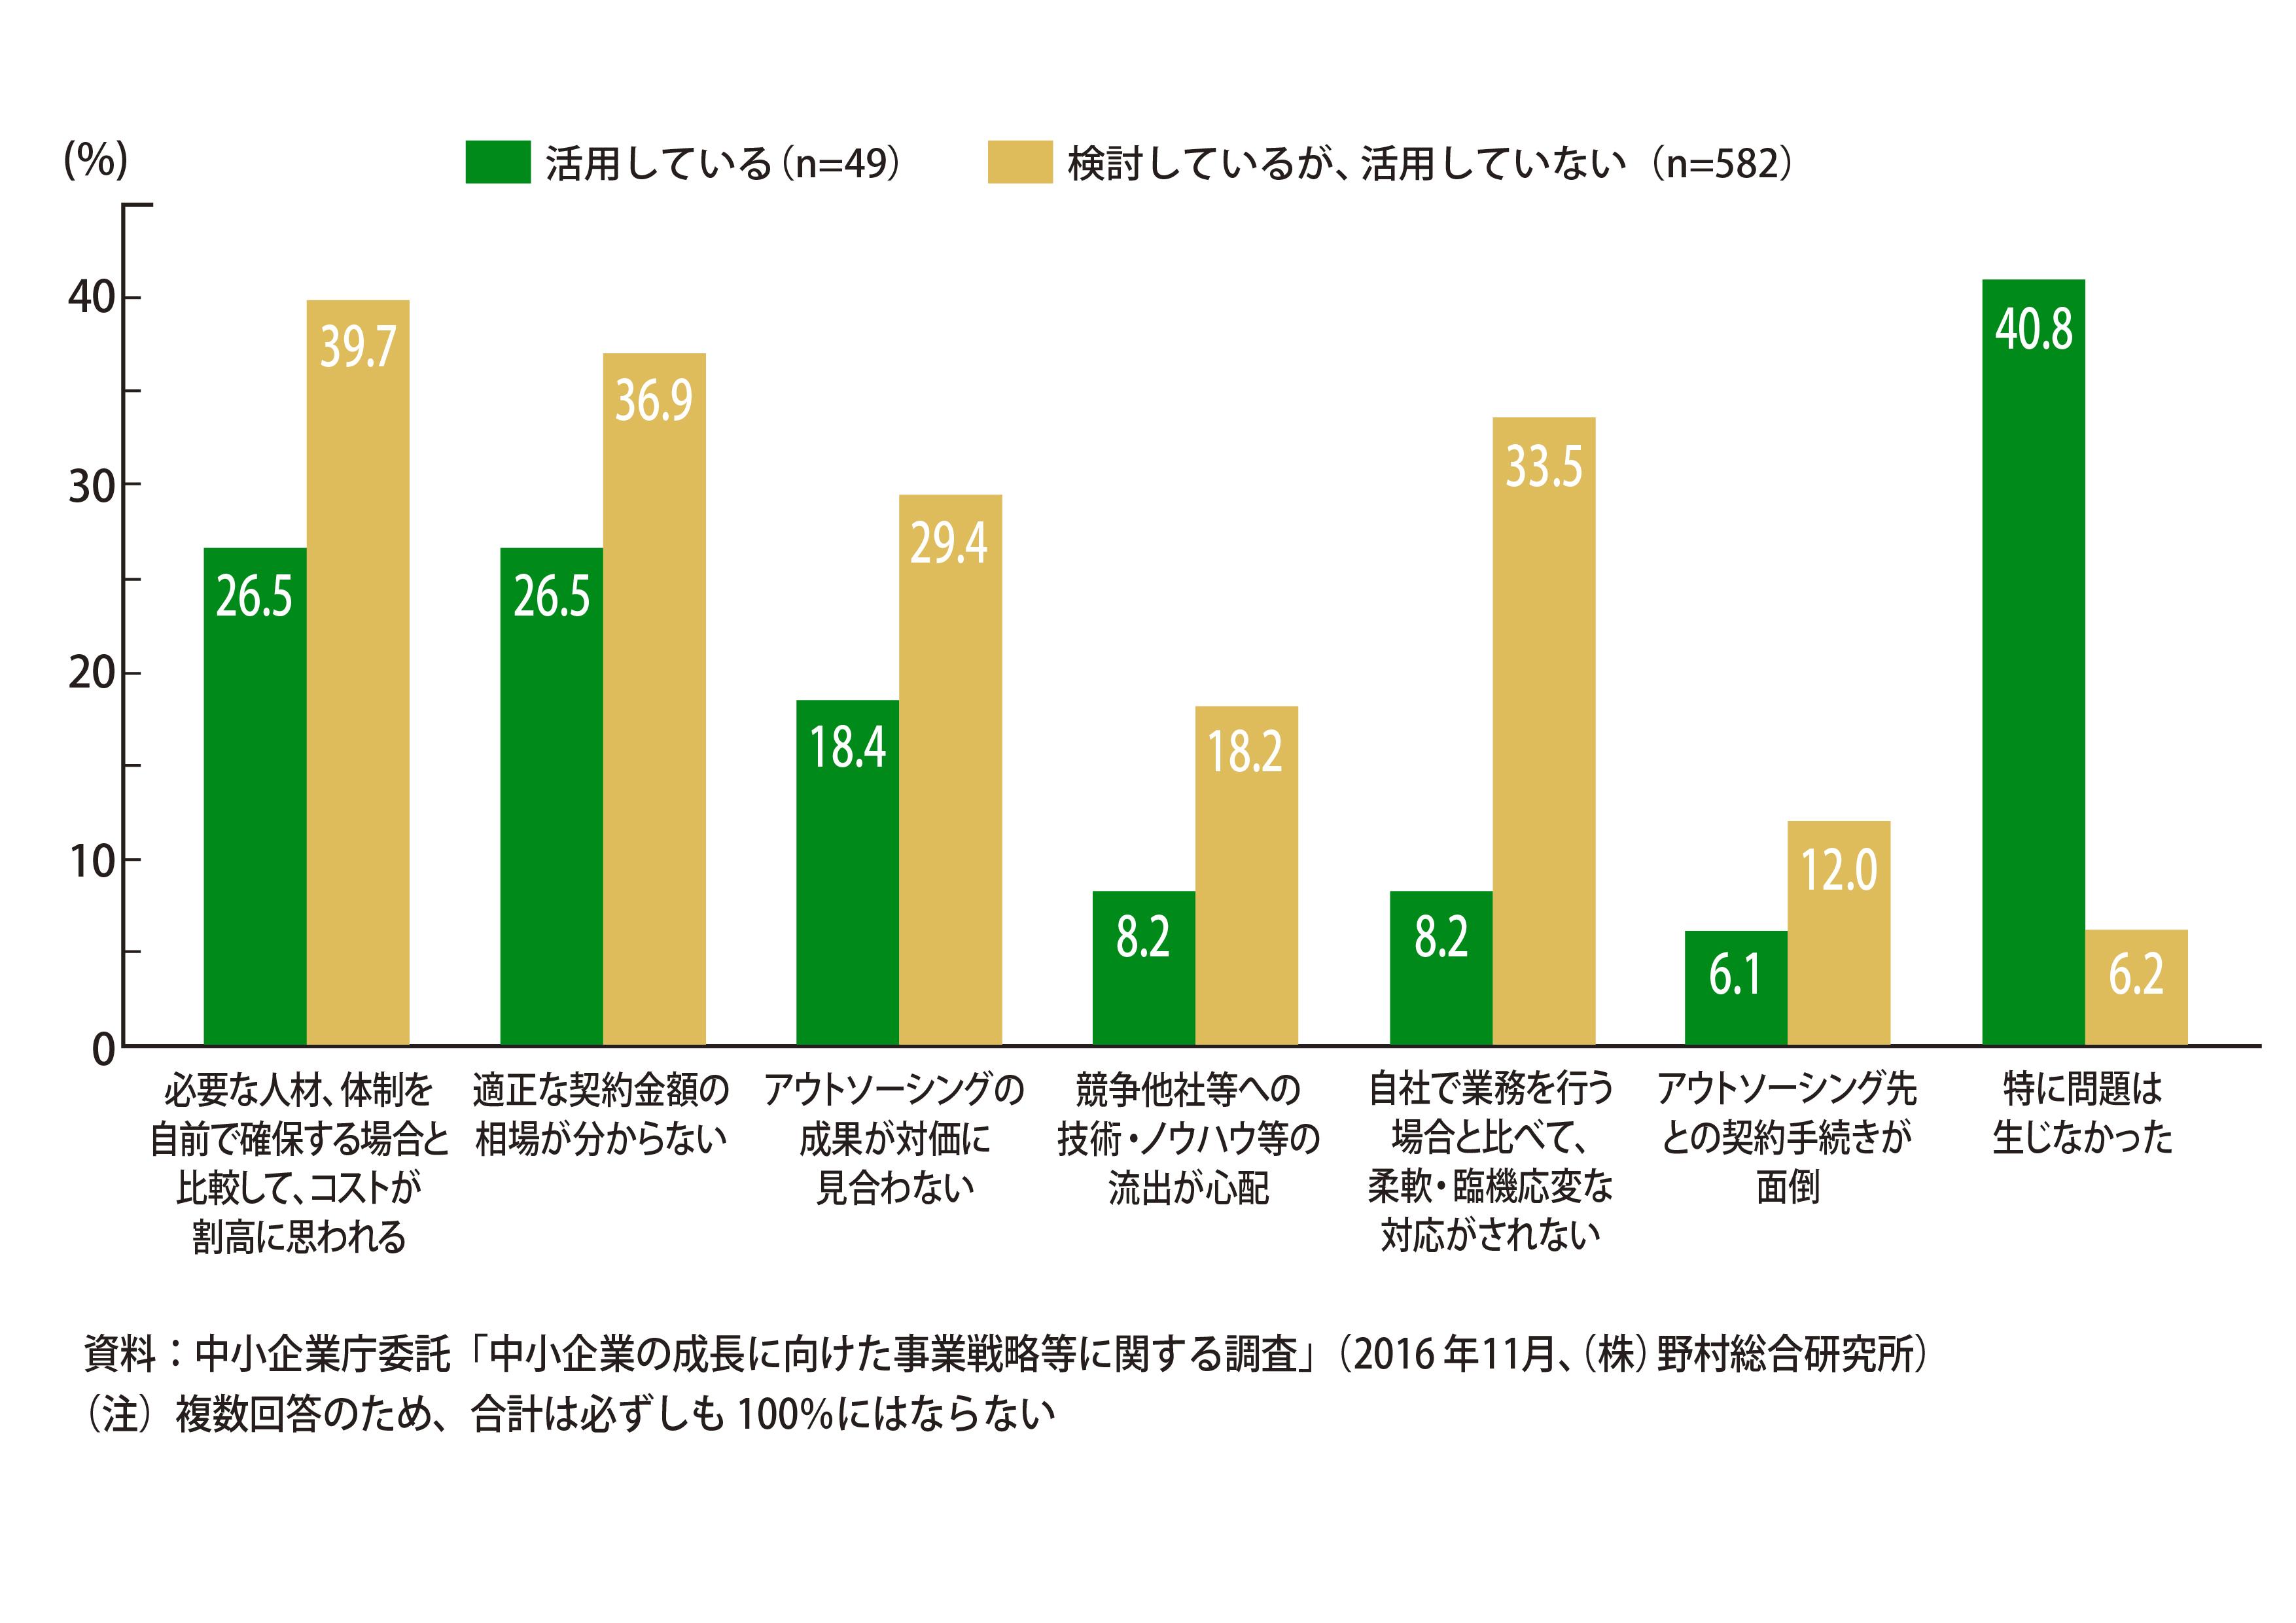 外部リソースを活用している企業は、外部リソースの活用について「特に問題は生じなかった」と40.8%が回答